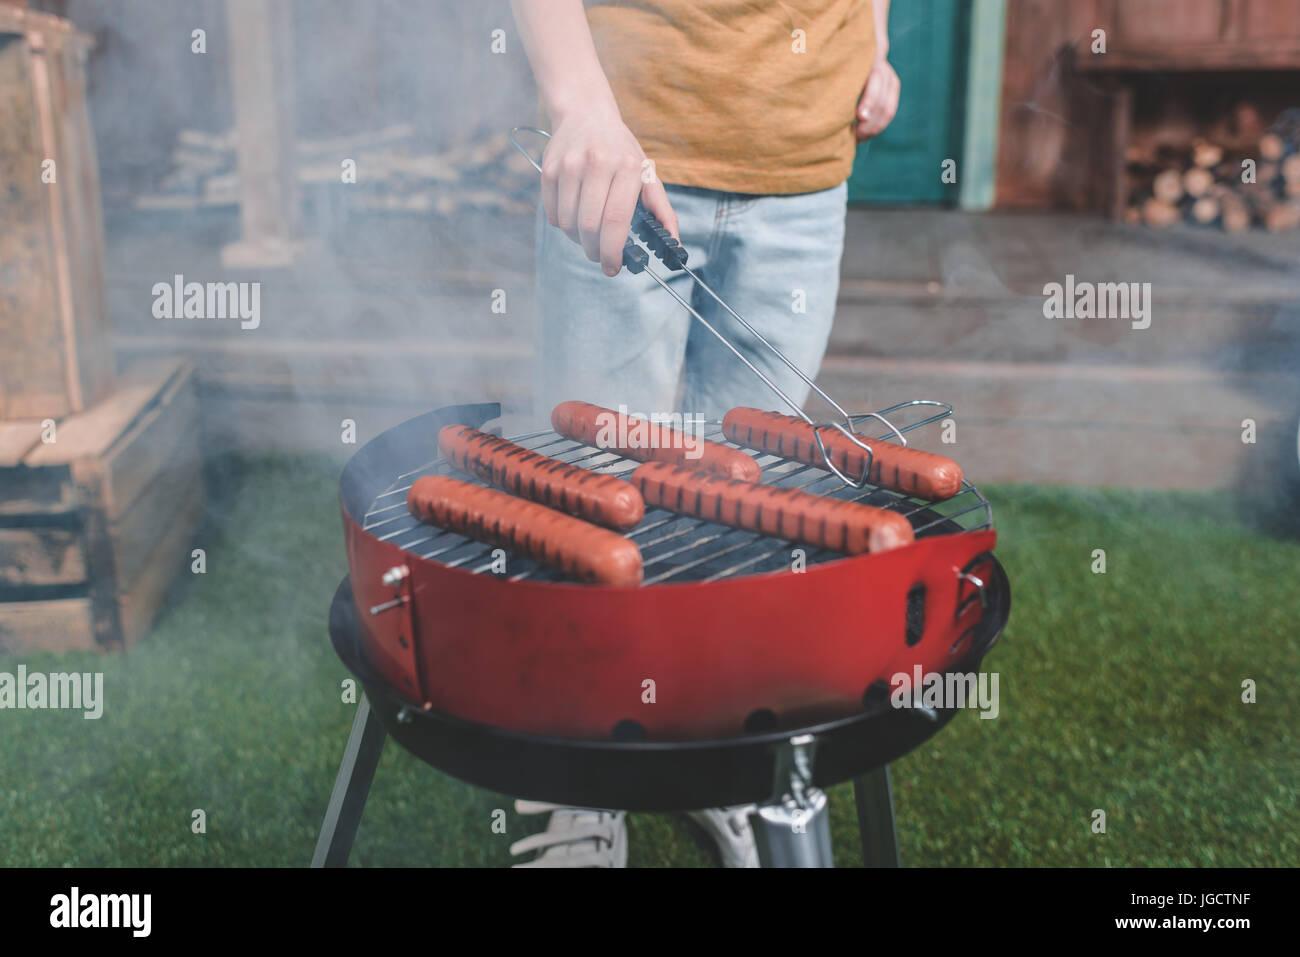 Vue partielle de la cuisson des saucisses hot-dog boy sur grill Photo Stock